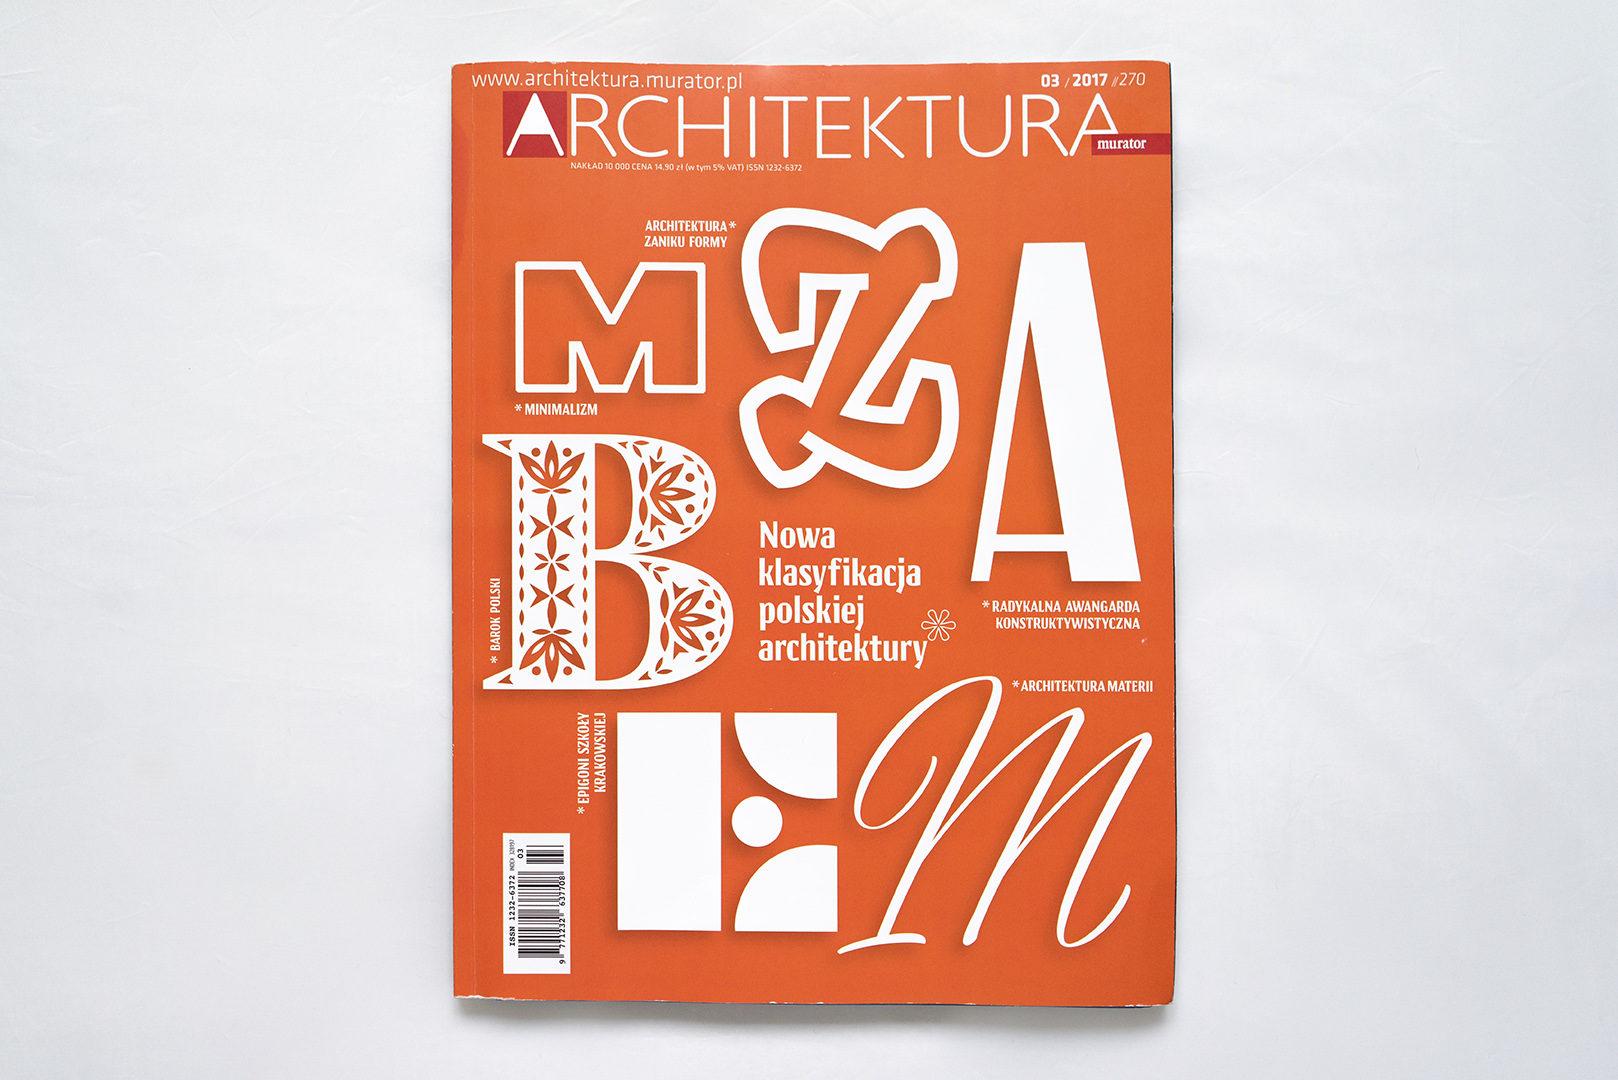 Architektura-03-2017-270